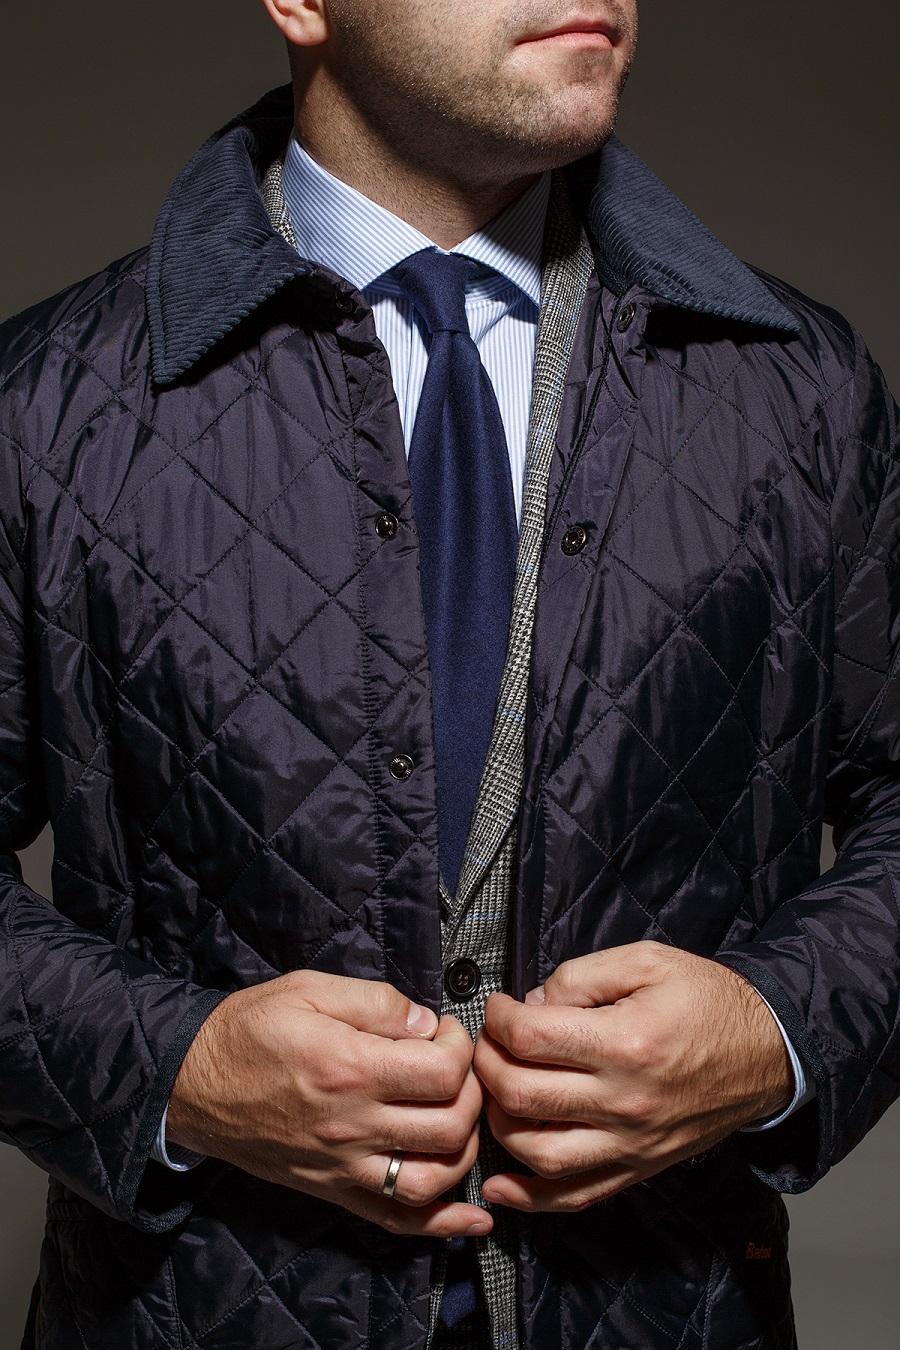 d1c95f38e606b Kurtka pikowana na trzy sposoby | Mr Vintage - rzeczowo o modzie męskiej -  Porady i Blog